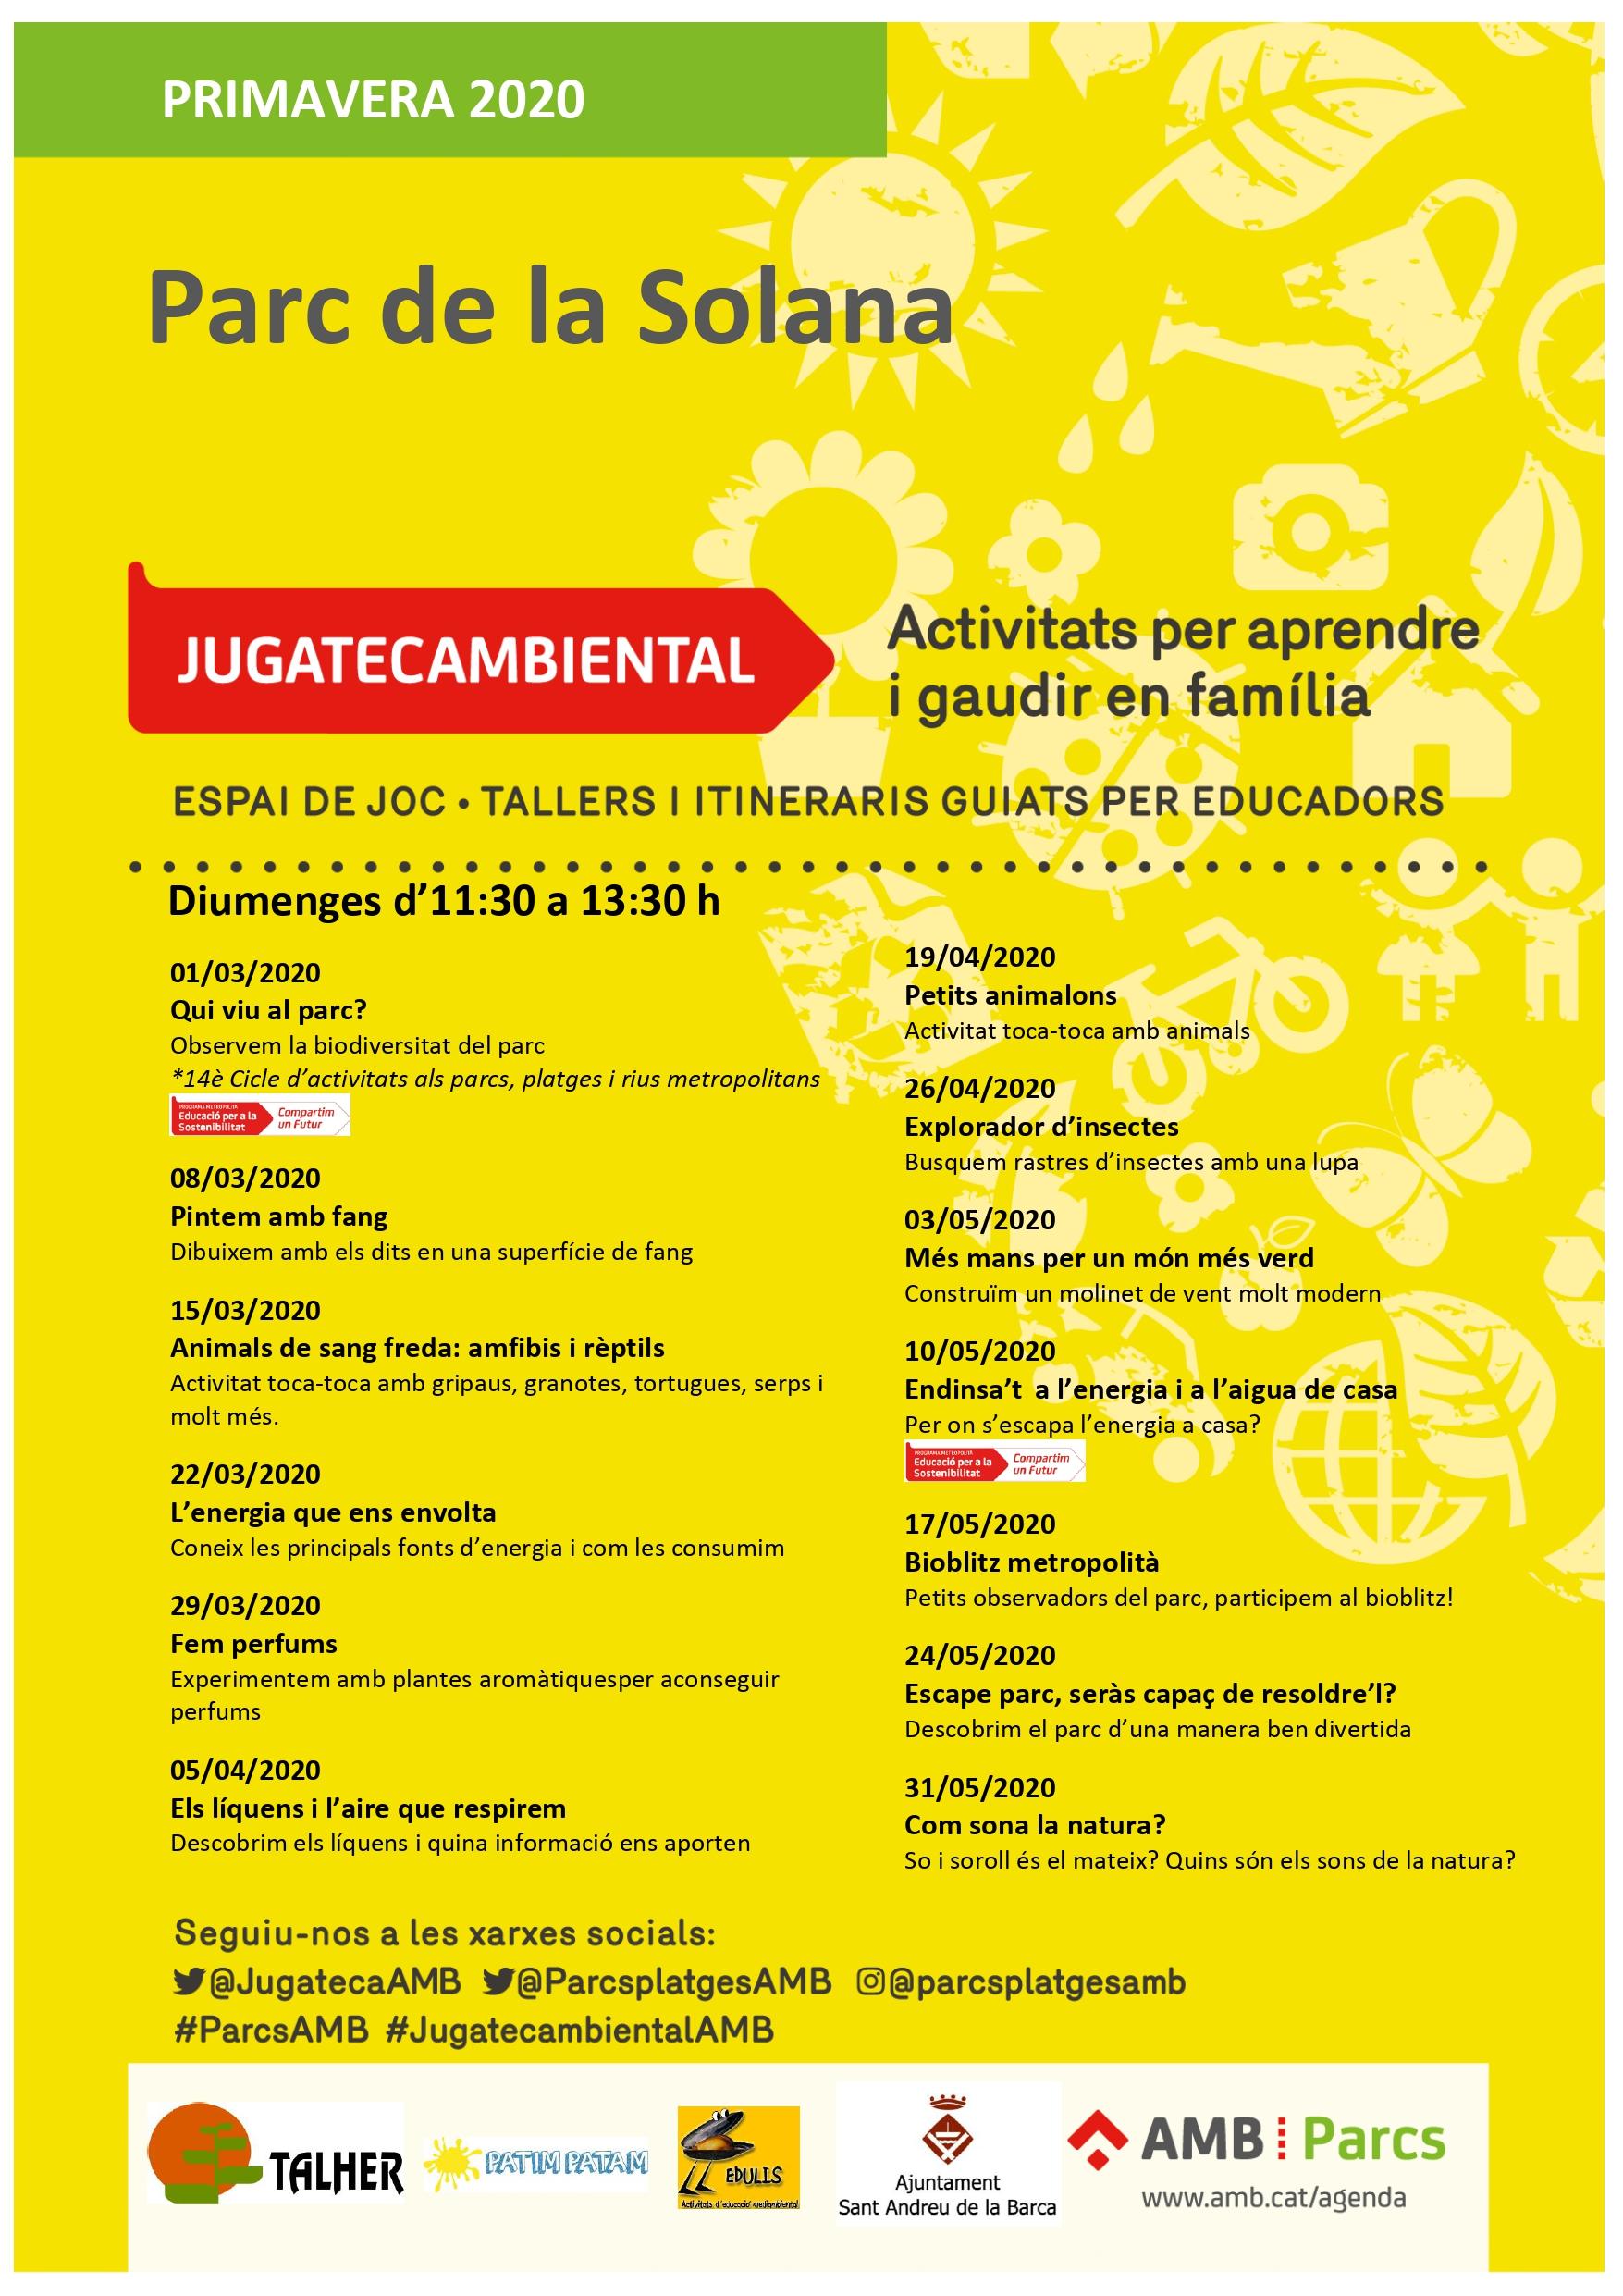 9.Cartell Solana primavera 2020 FN_page-0001 (1) - copia (1)